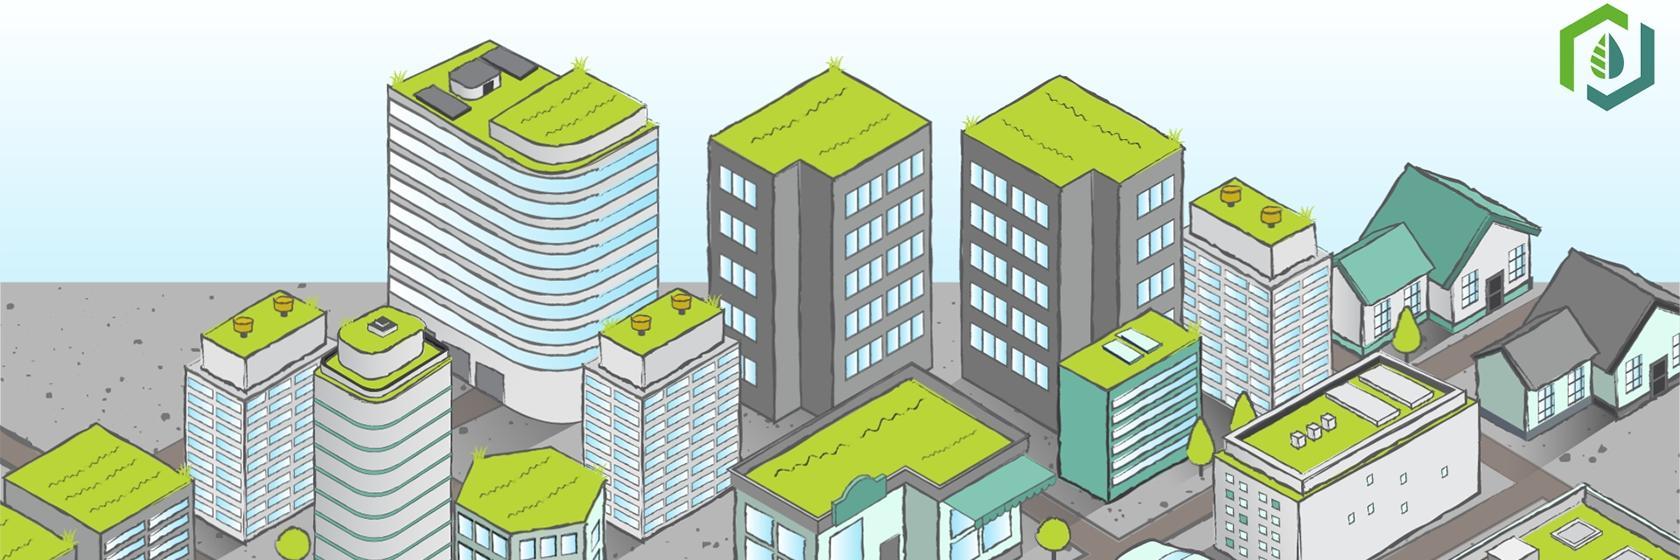 Klimagerechte Stadtplanung: Verdunstungs-Konzept gegen Hitzeinseln und Überflutungen